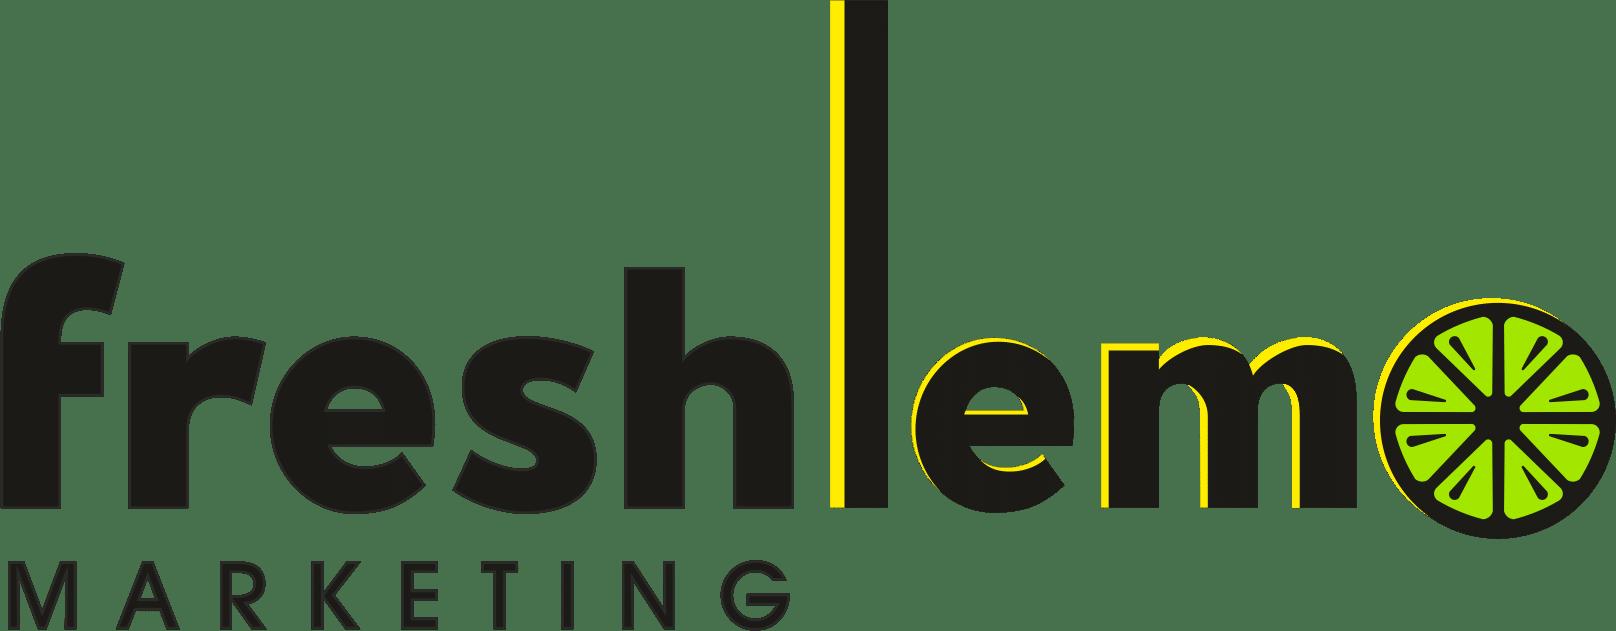 Freshlemo Marketing